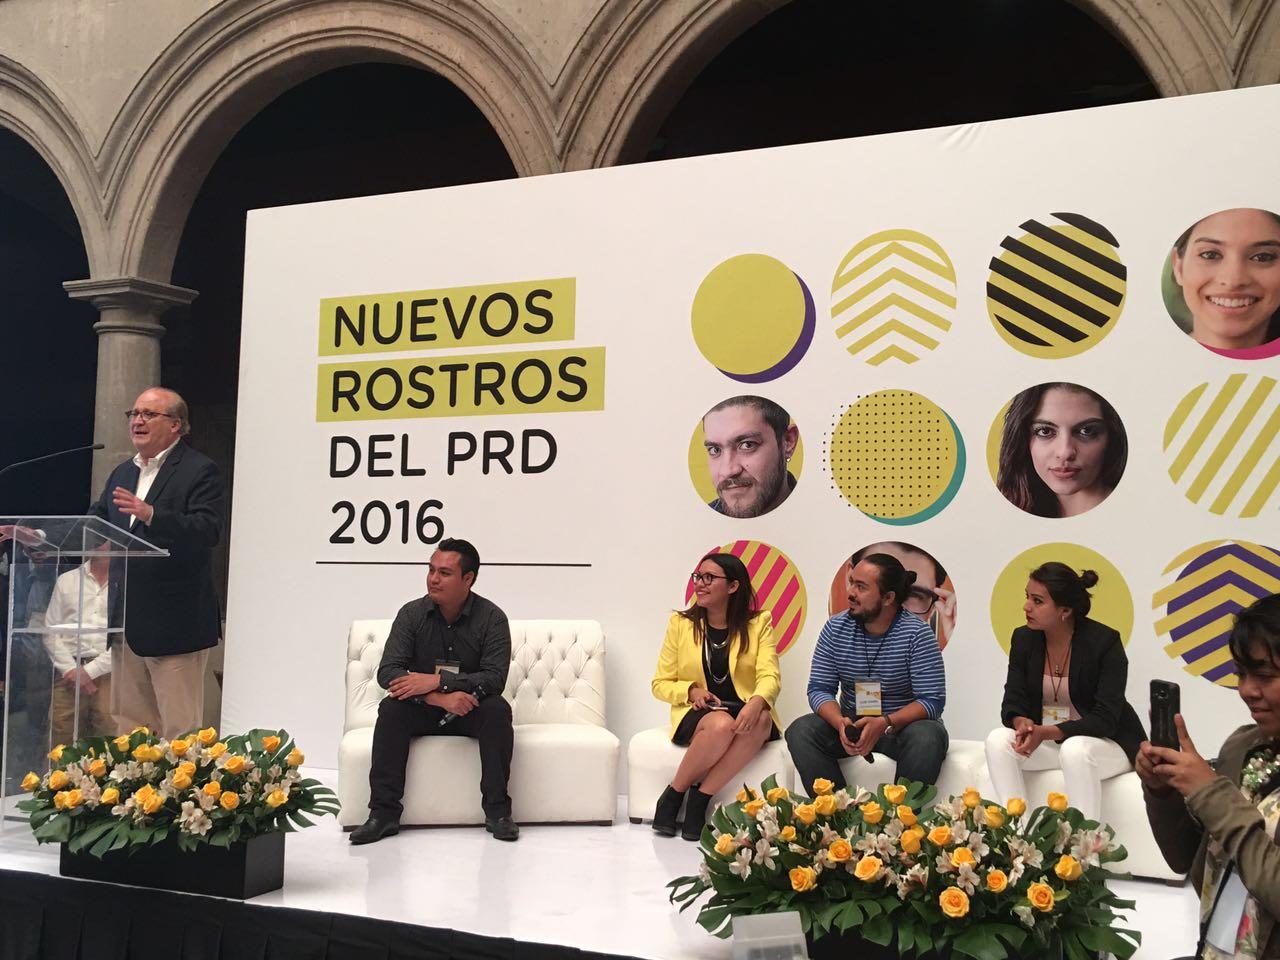 Nuevos rostros del PRD 2016